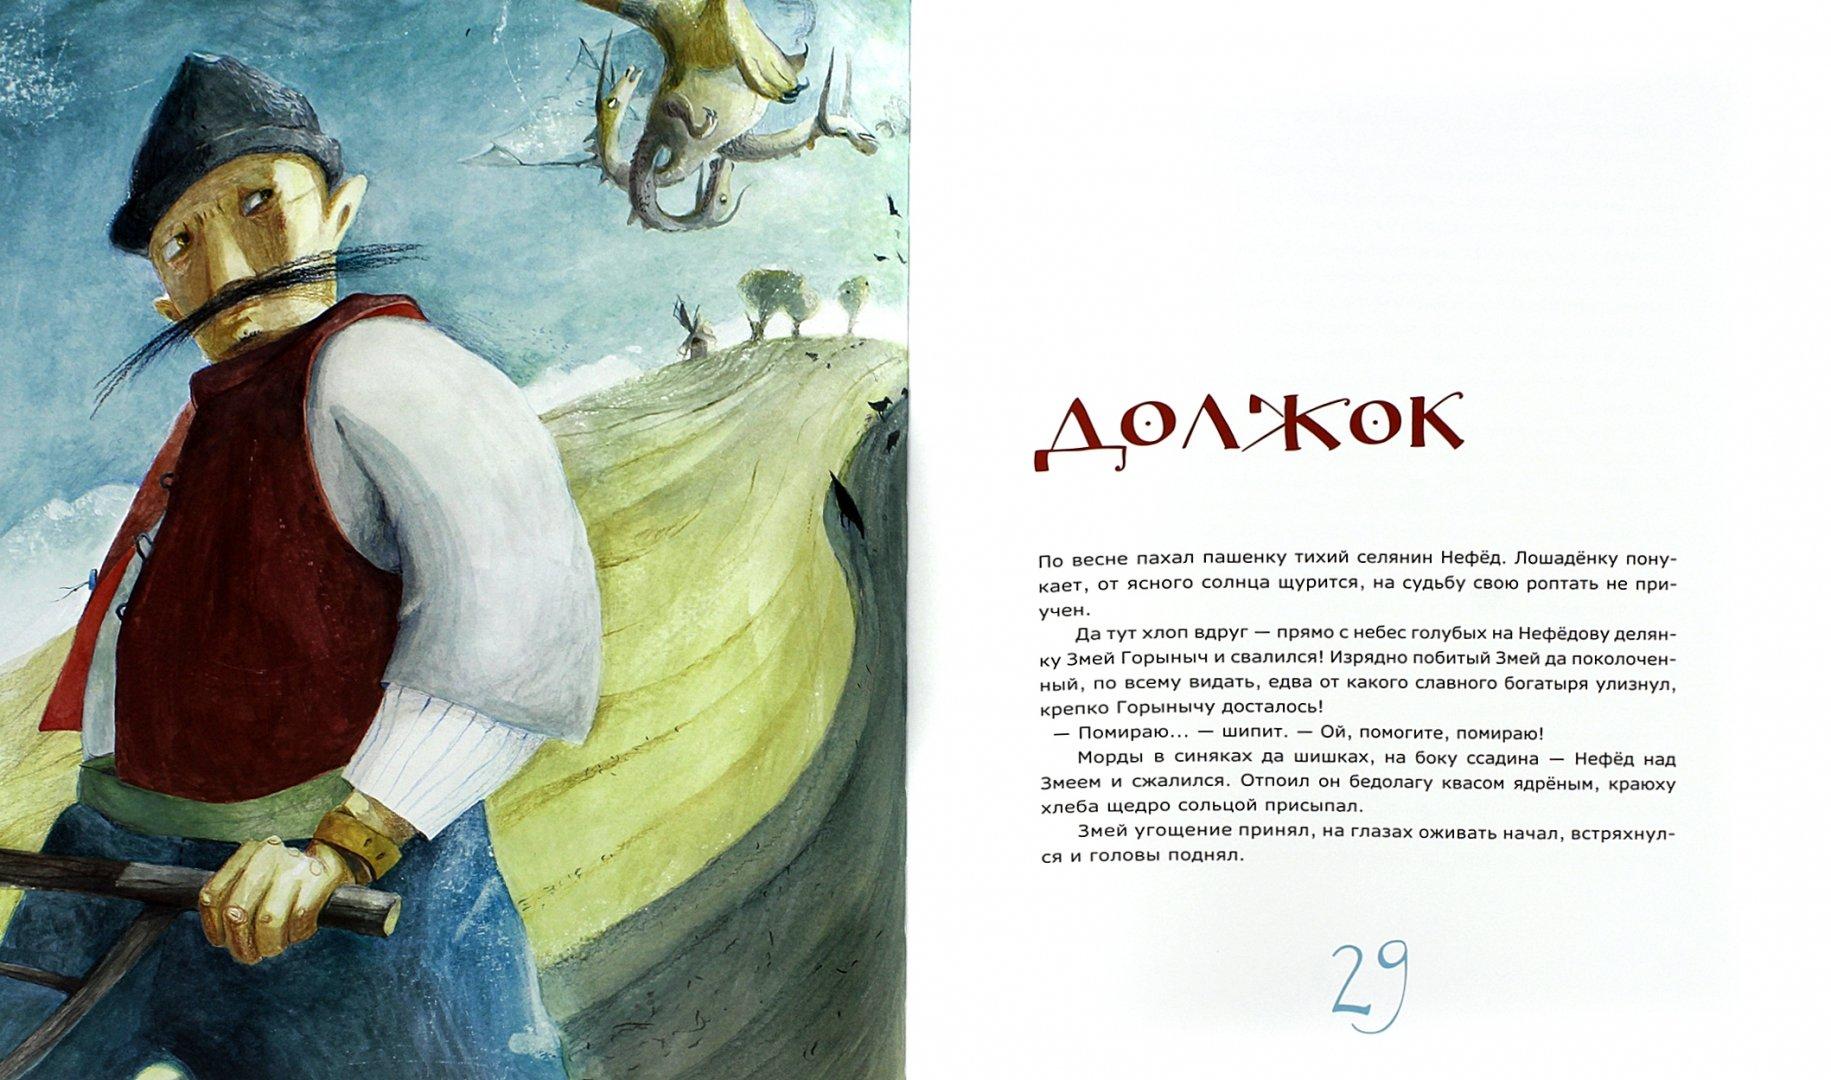 Иллюстрация 1 из 29 для Чудо-богатыри. Богатырские сказки - Сергей Георгиев | Лабиринт - книги. Источник: Лабиринт